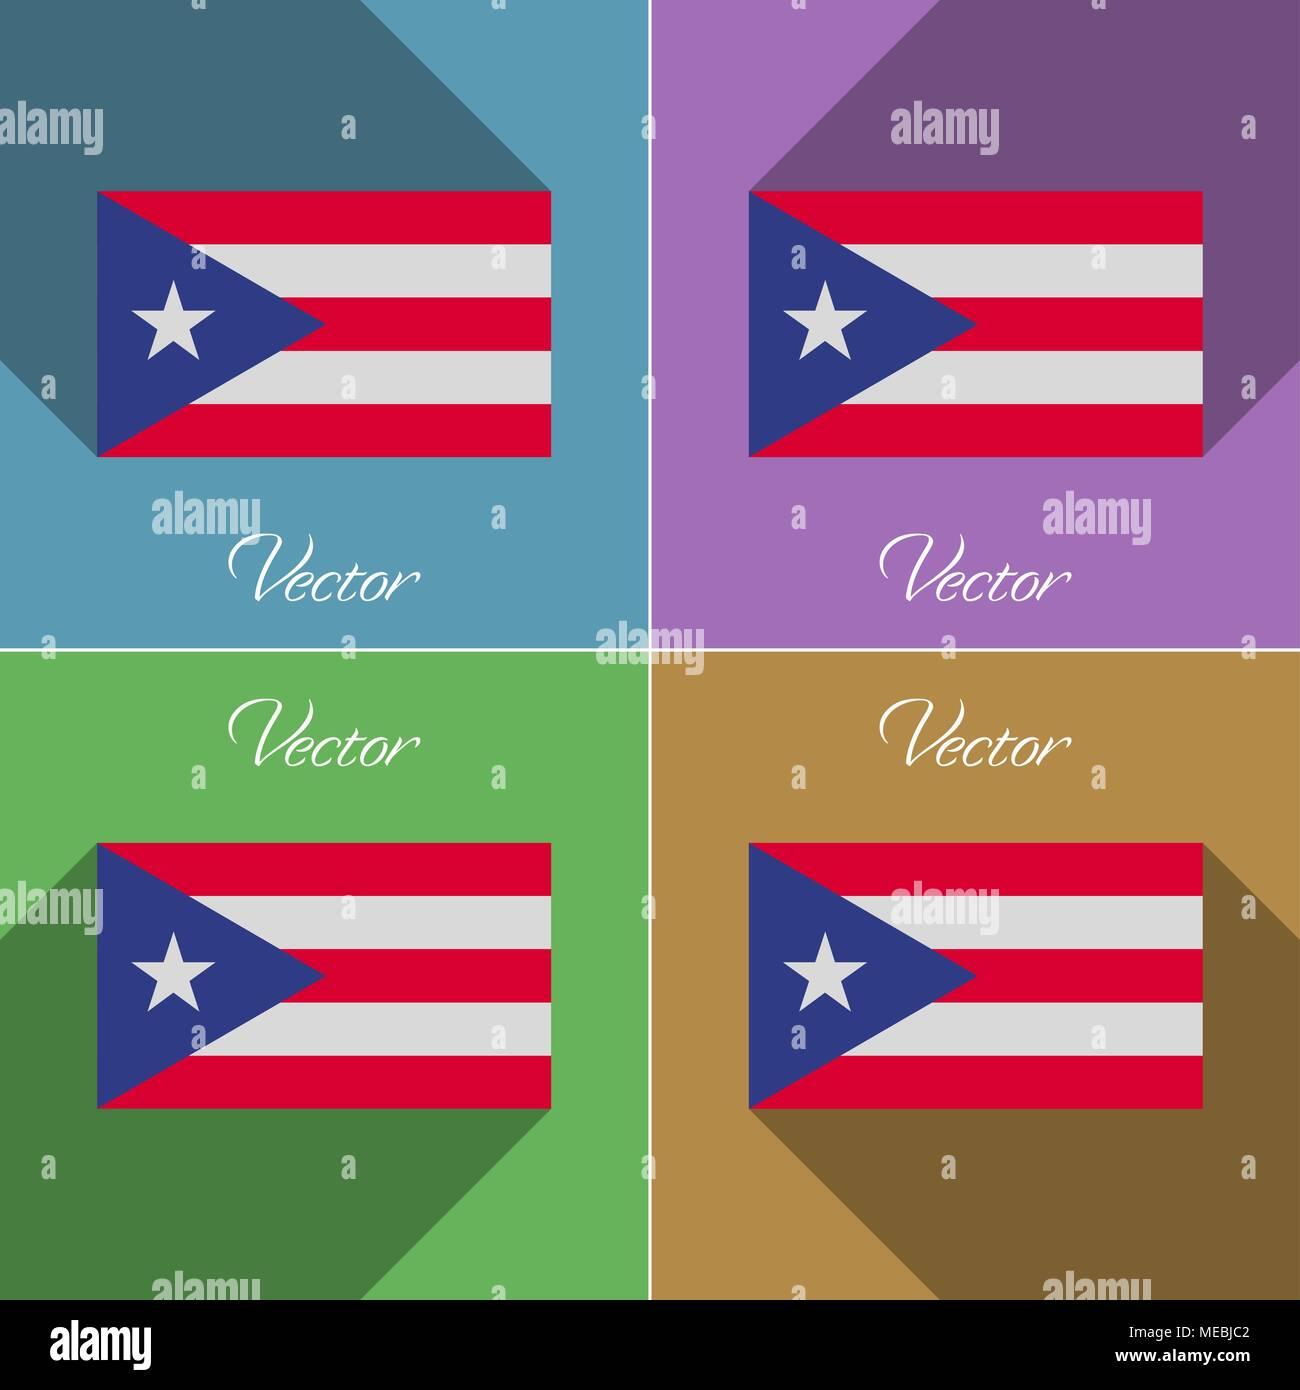 Nett Puerto Rico Flagge Färbung Seite Bilder - Malvorlagen-Ideen ...